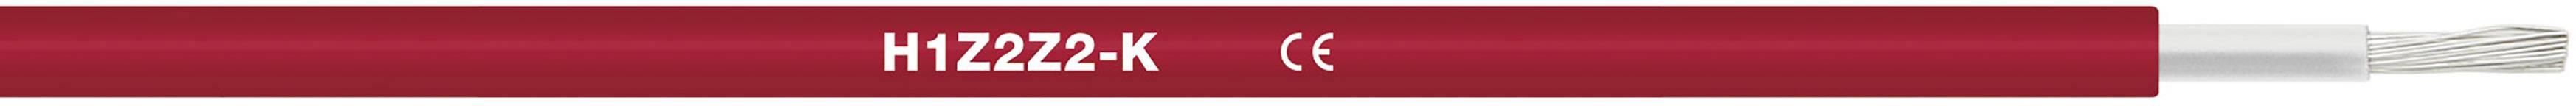 Fotovoltaický kabel H1Z2Z2-K 1 x 10 mm² červená LAPP 1023574/500 500 m